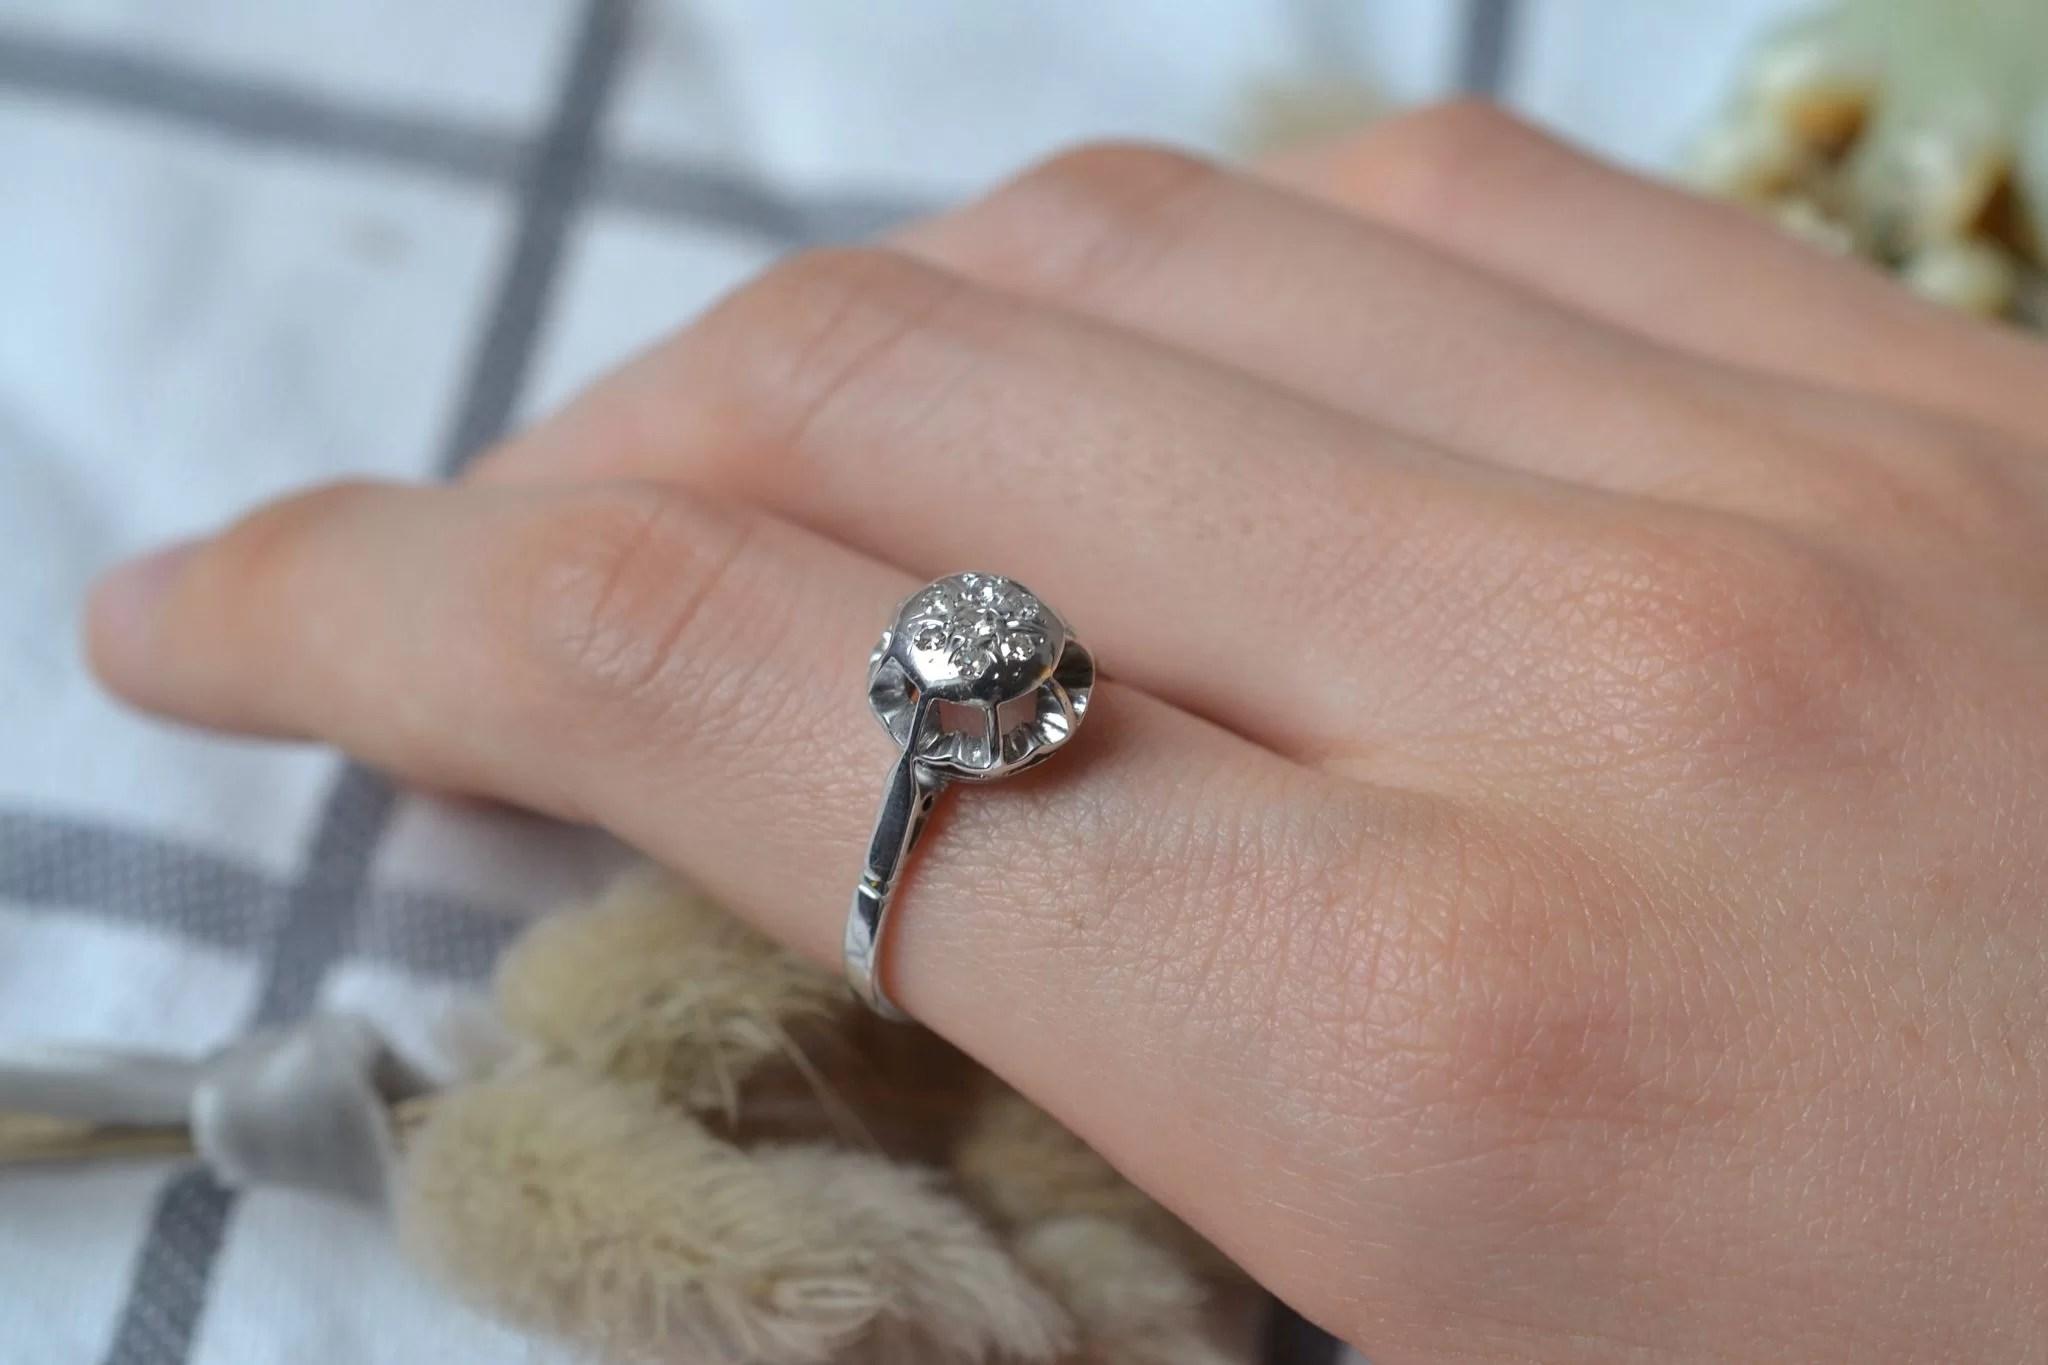 Bague en Or blanc, chaton rond orné de diamants 8_8 - bague rétro